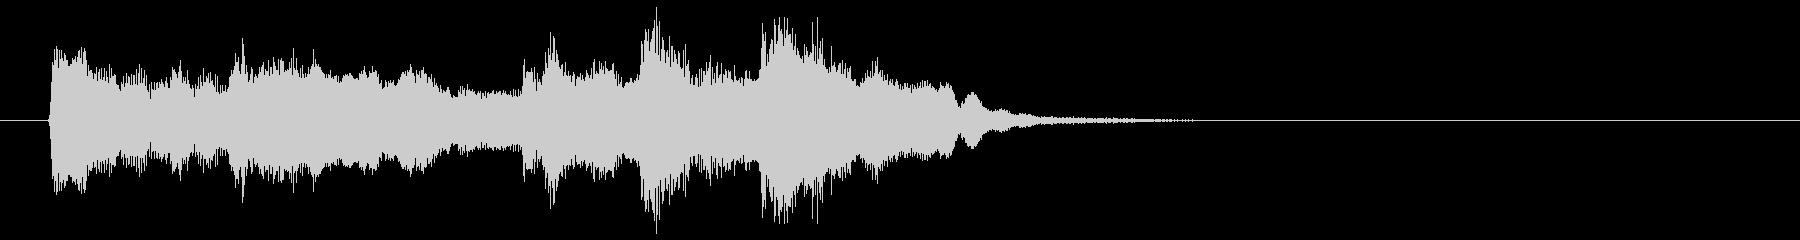 フルートの音色が美しい曲の未再生の波形